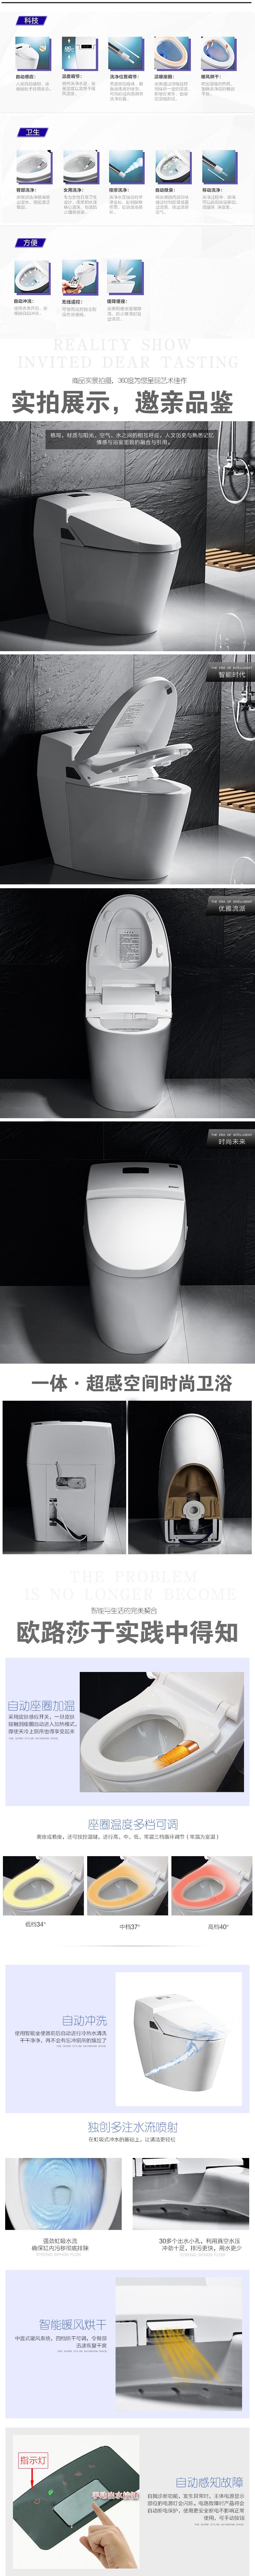 智能马桶|dm/宣传单/平面广告|平面|葱白呀呀呀04